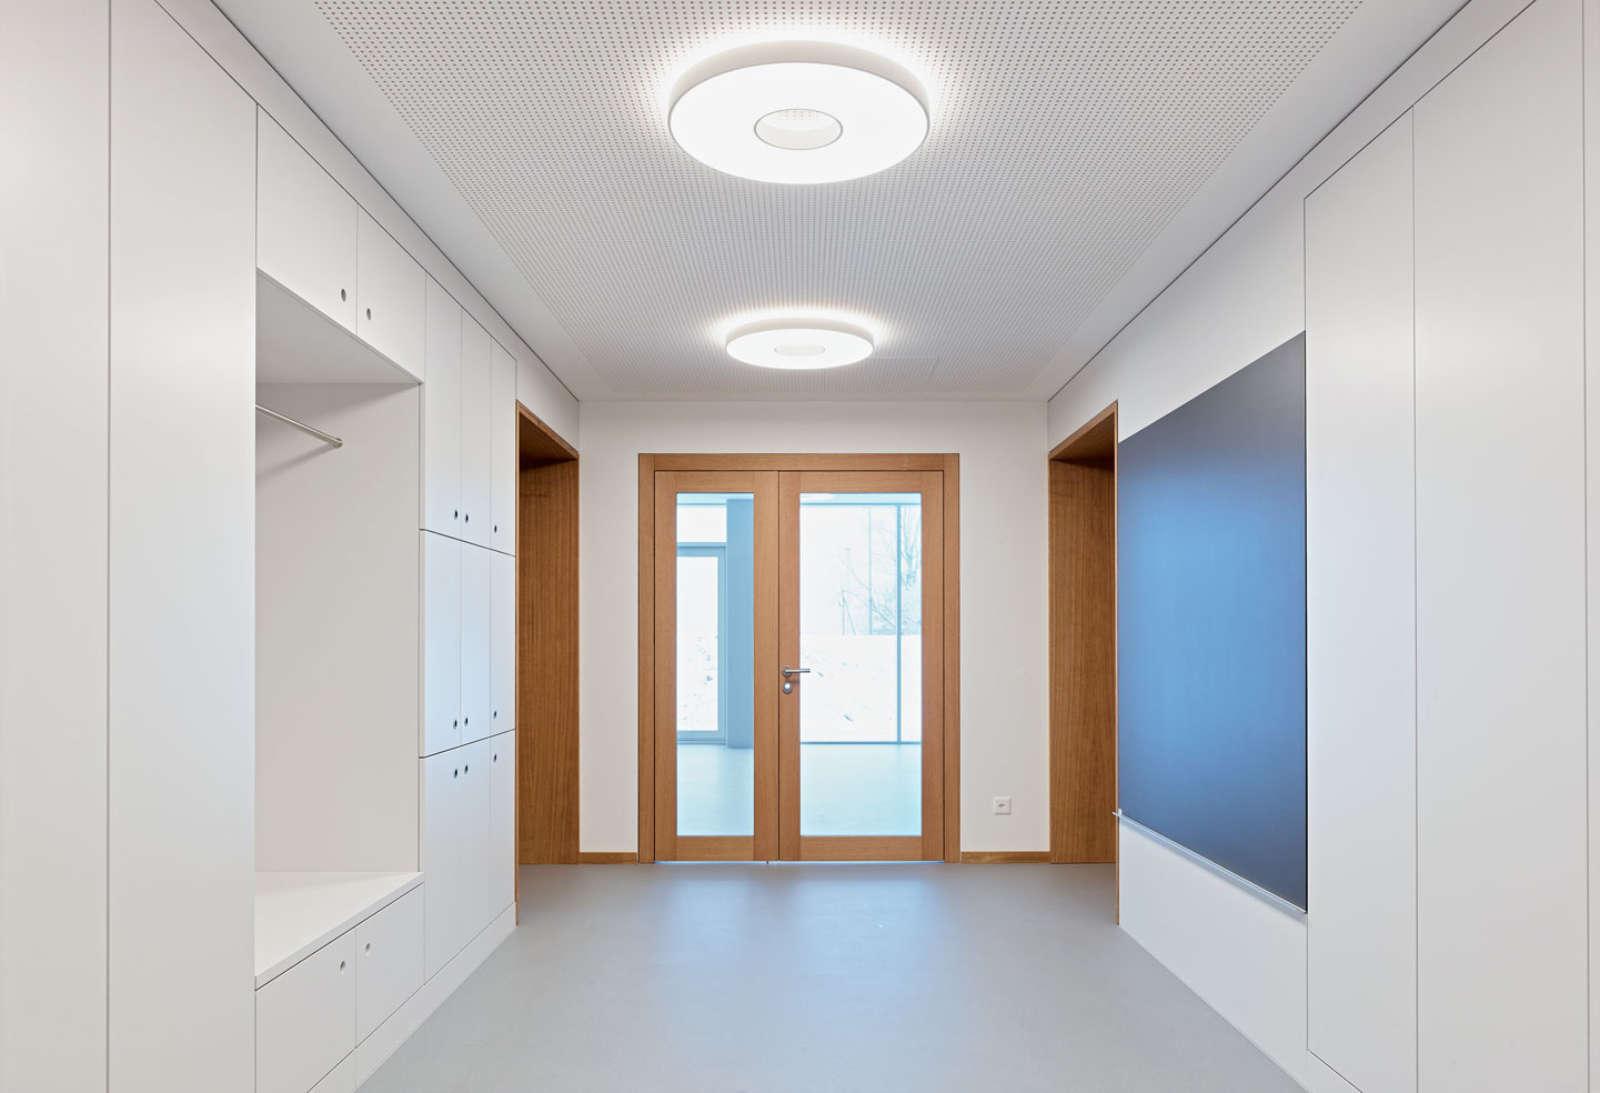 Homepage hausammann architekten ag bern - Myspiegel erfahrung ...